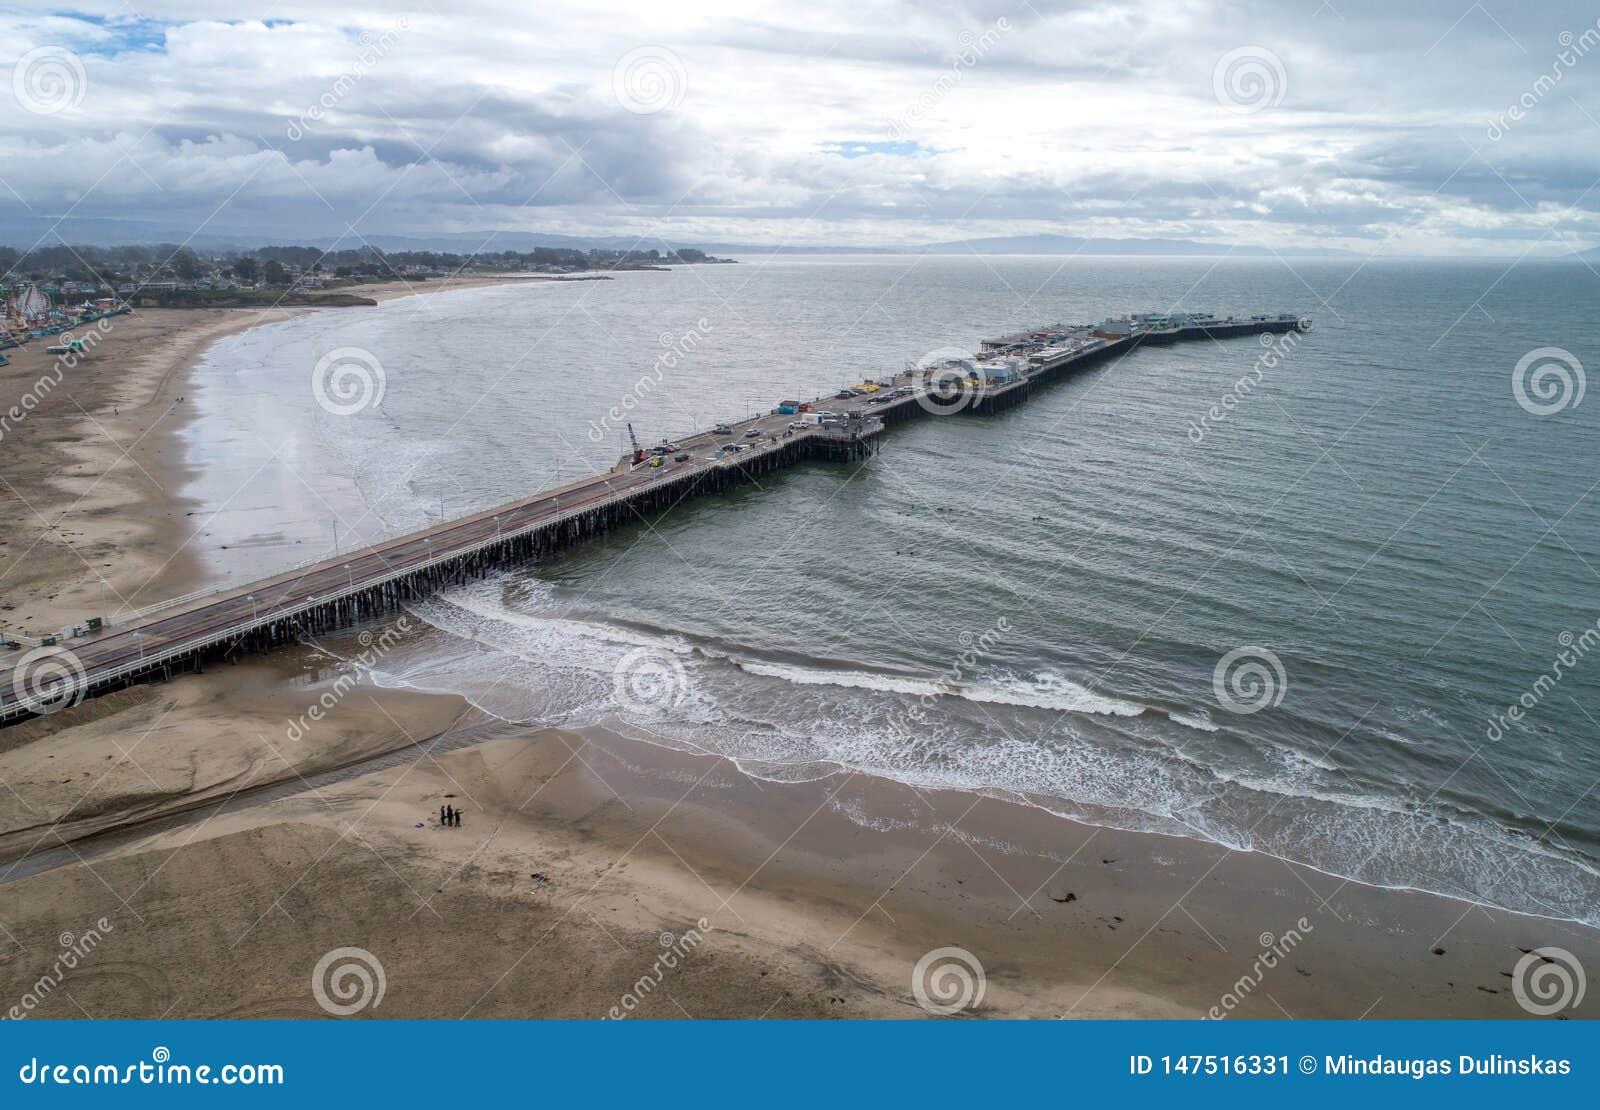 Santa Cruz Beach Boardwalk y embarcadero en fondo